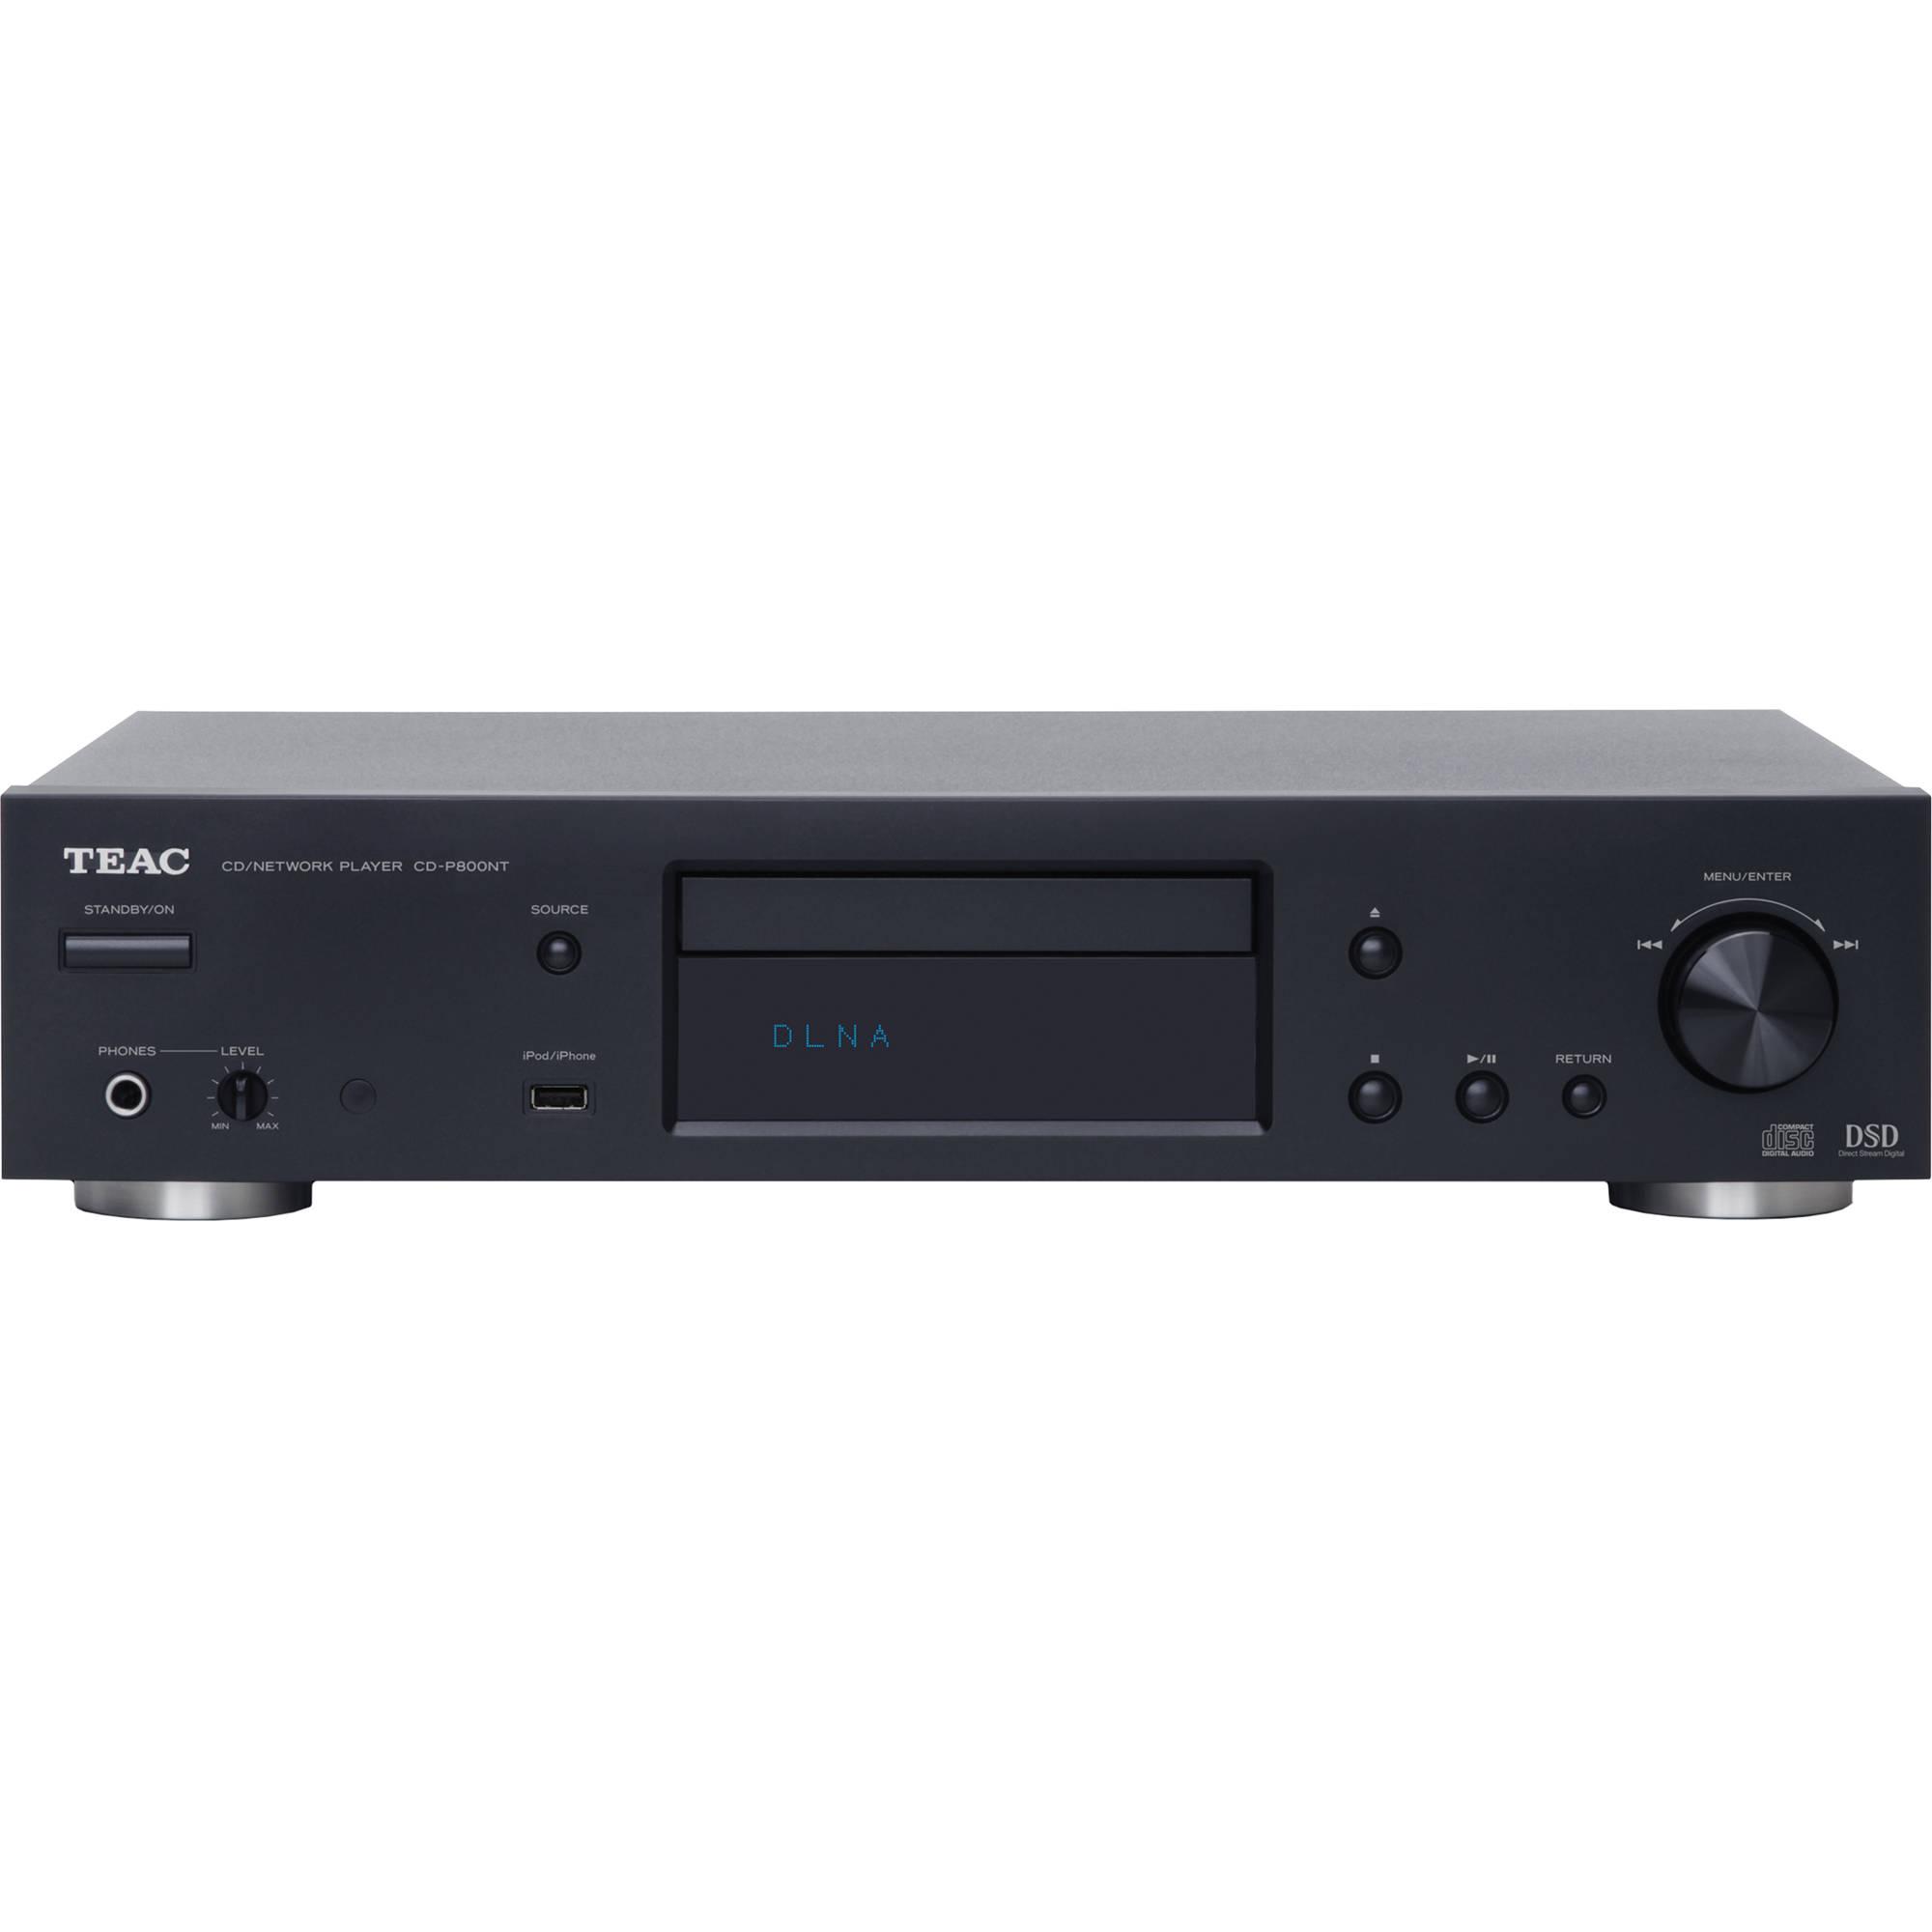 Teac CD-P800NT-B CD/Network Player CD-P800NT-B B&H Photo Video